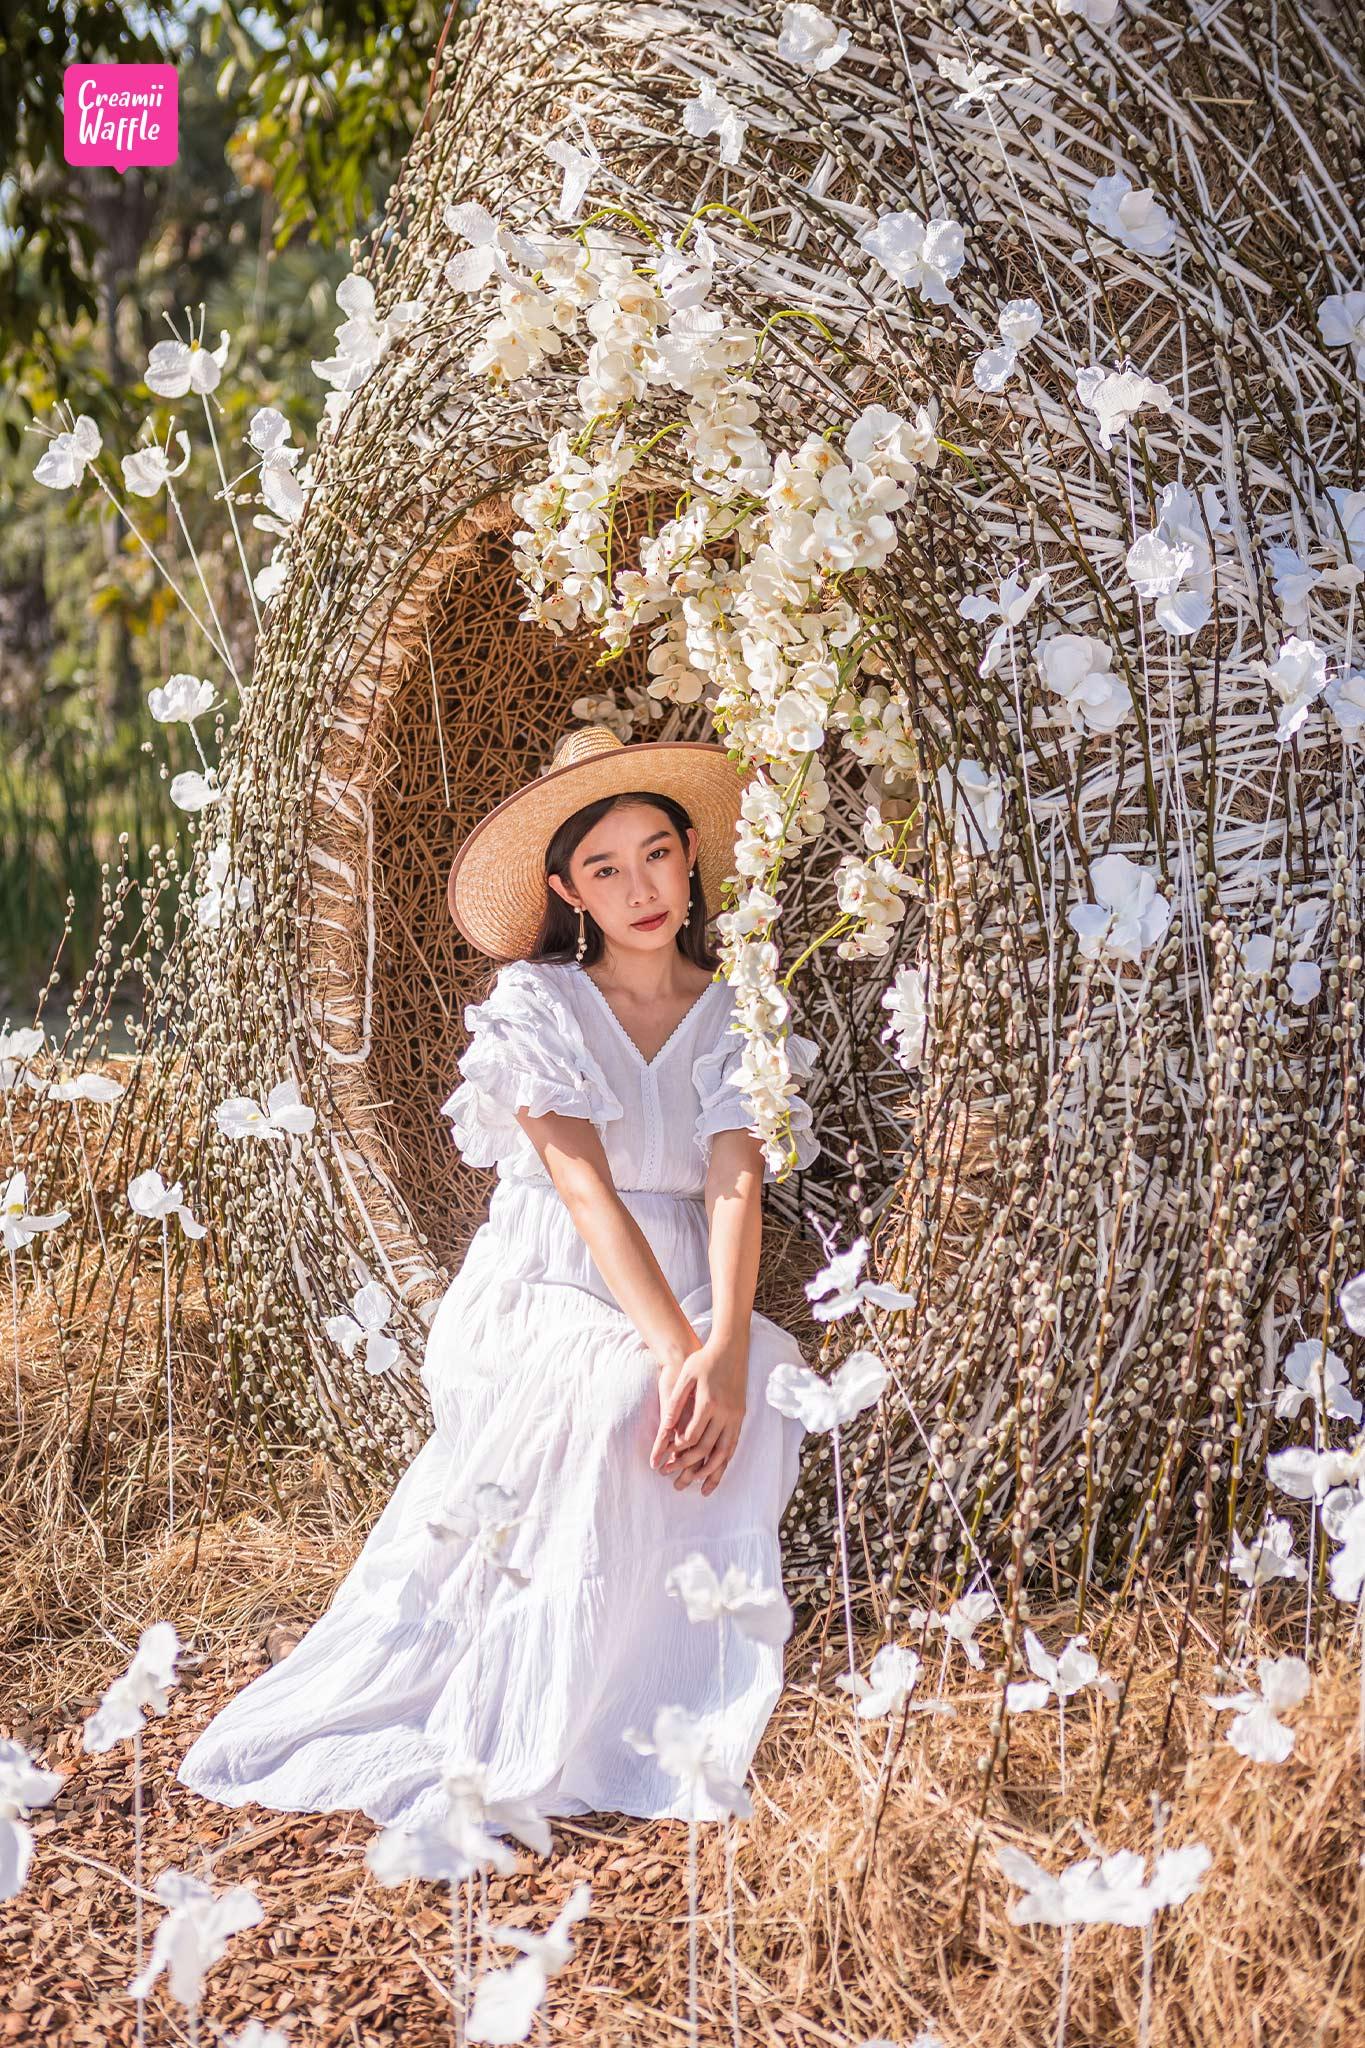 รักดอก ราชบุรี รีวิว